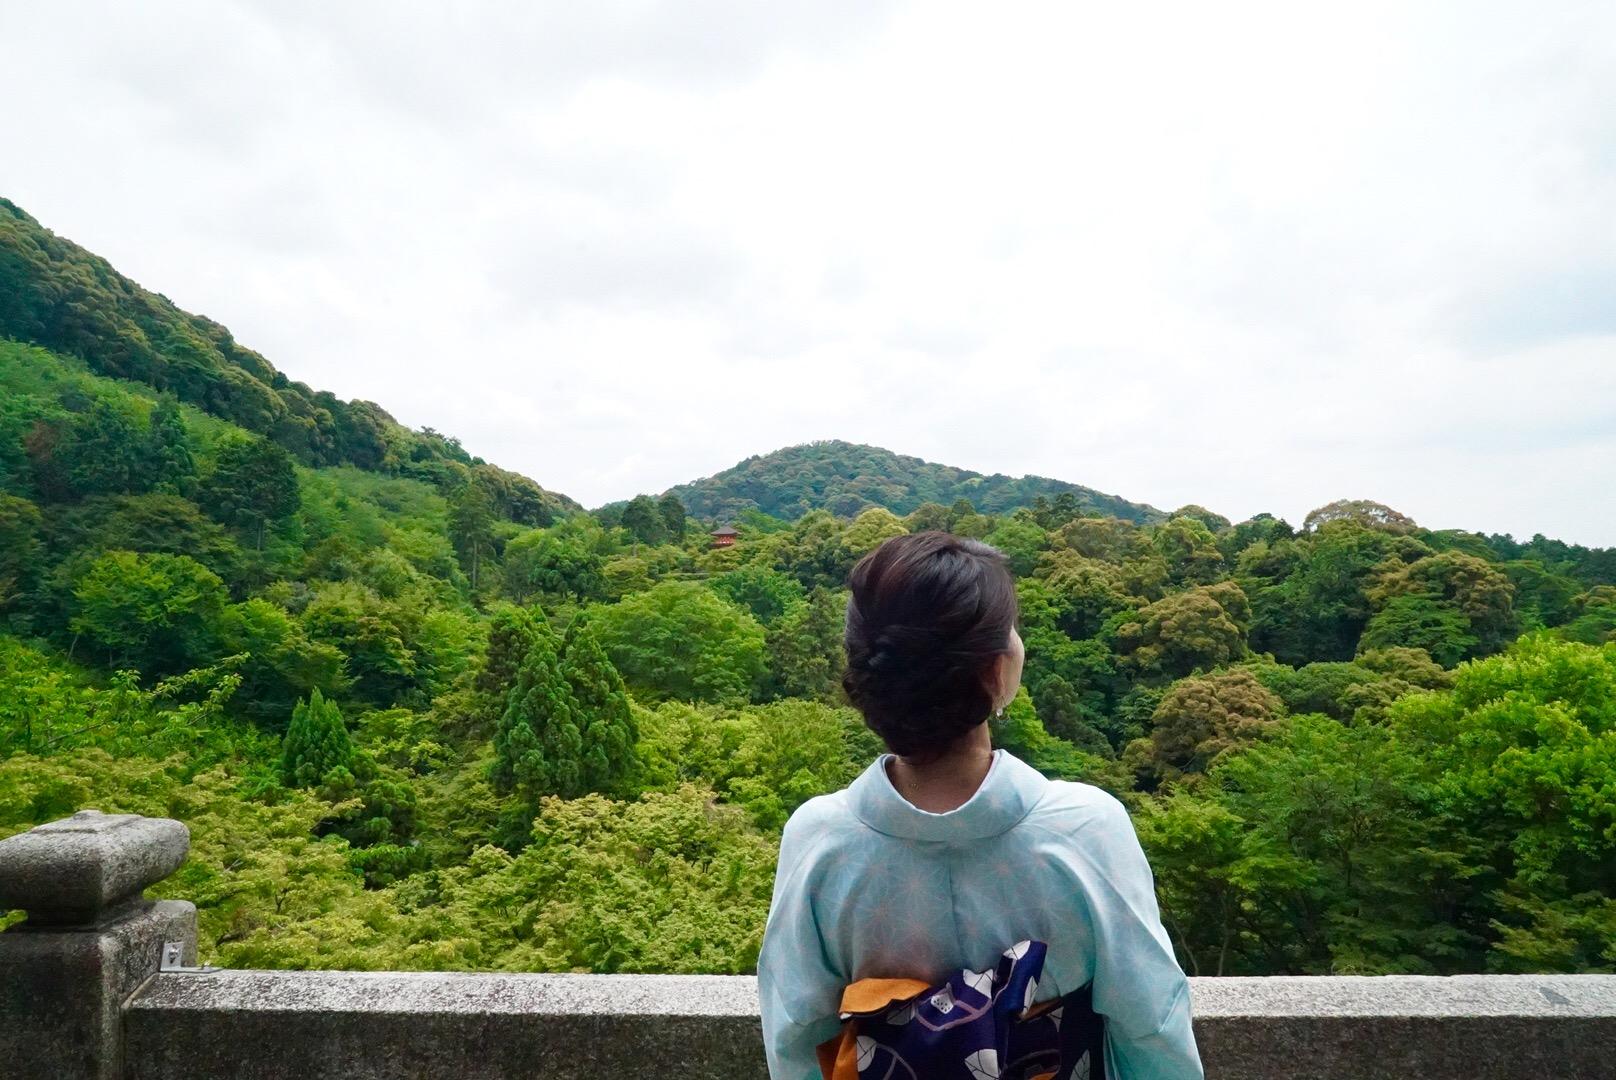 【まとめ】インスタ映え最高!京都で行ってみたいフォトジェニックスポット